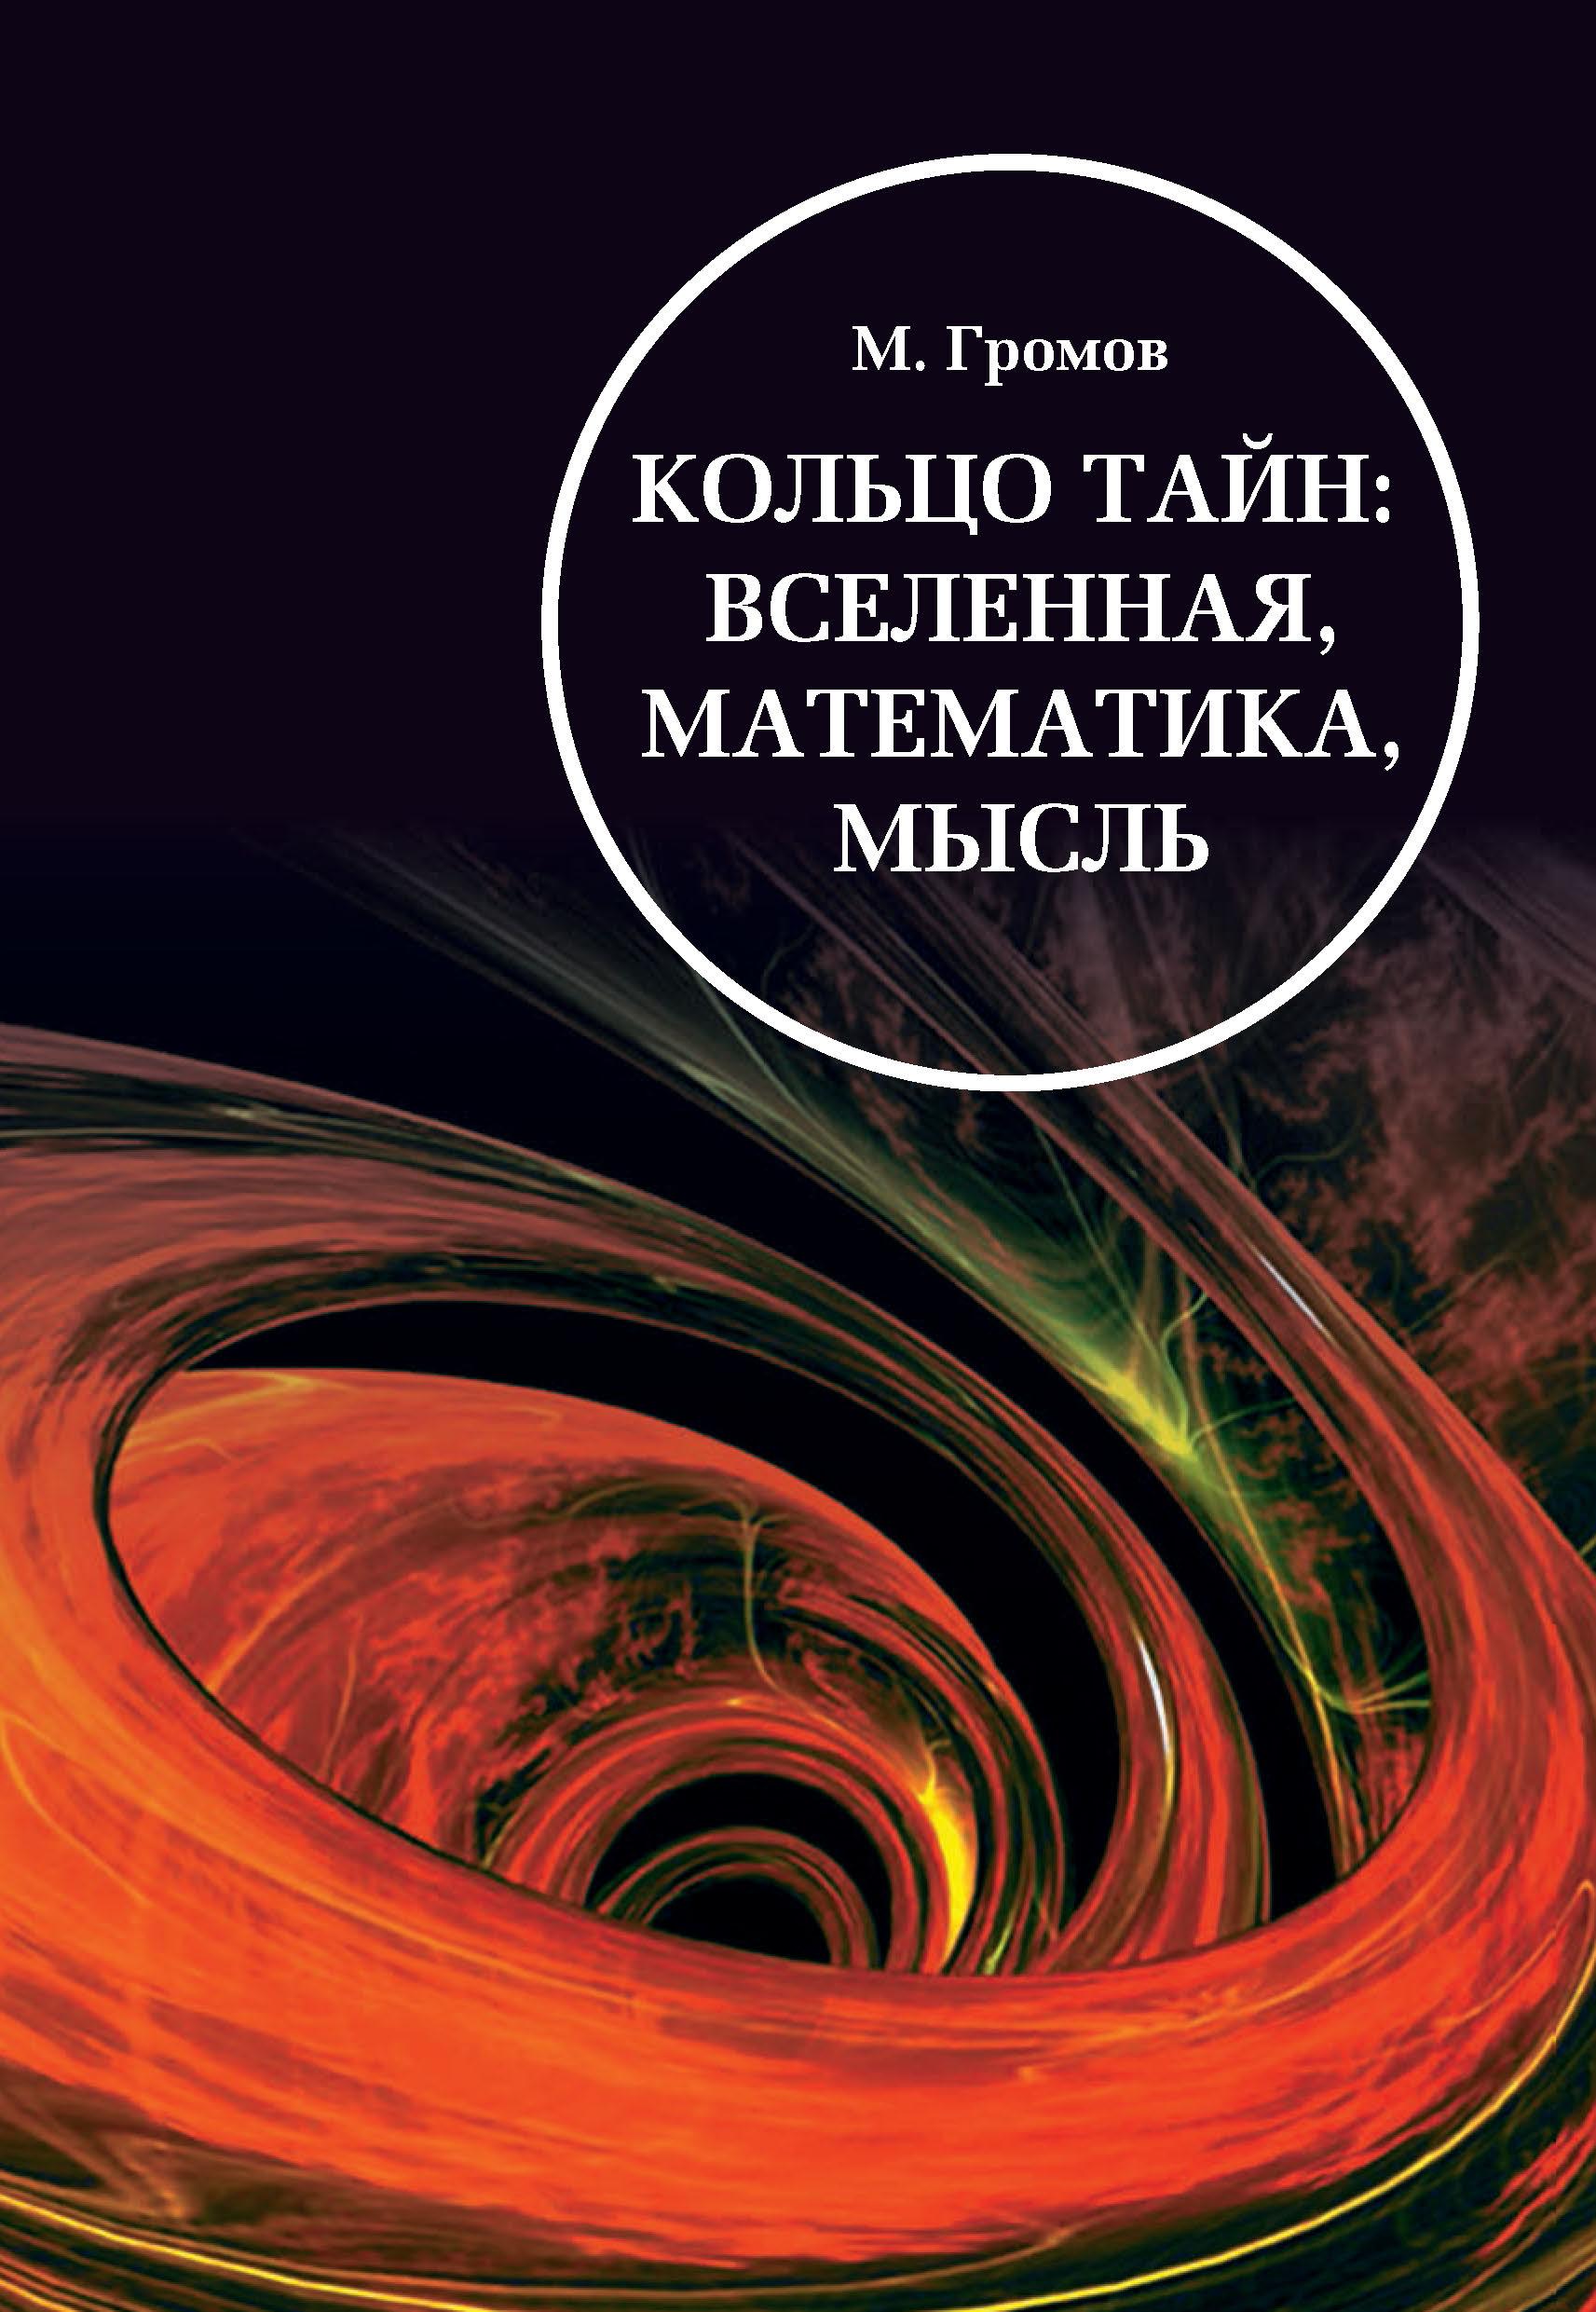 Кольцо тайн: вселенная, математика, мысль